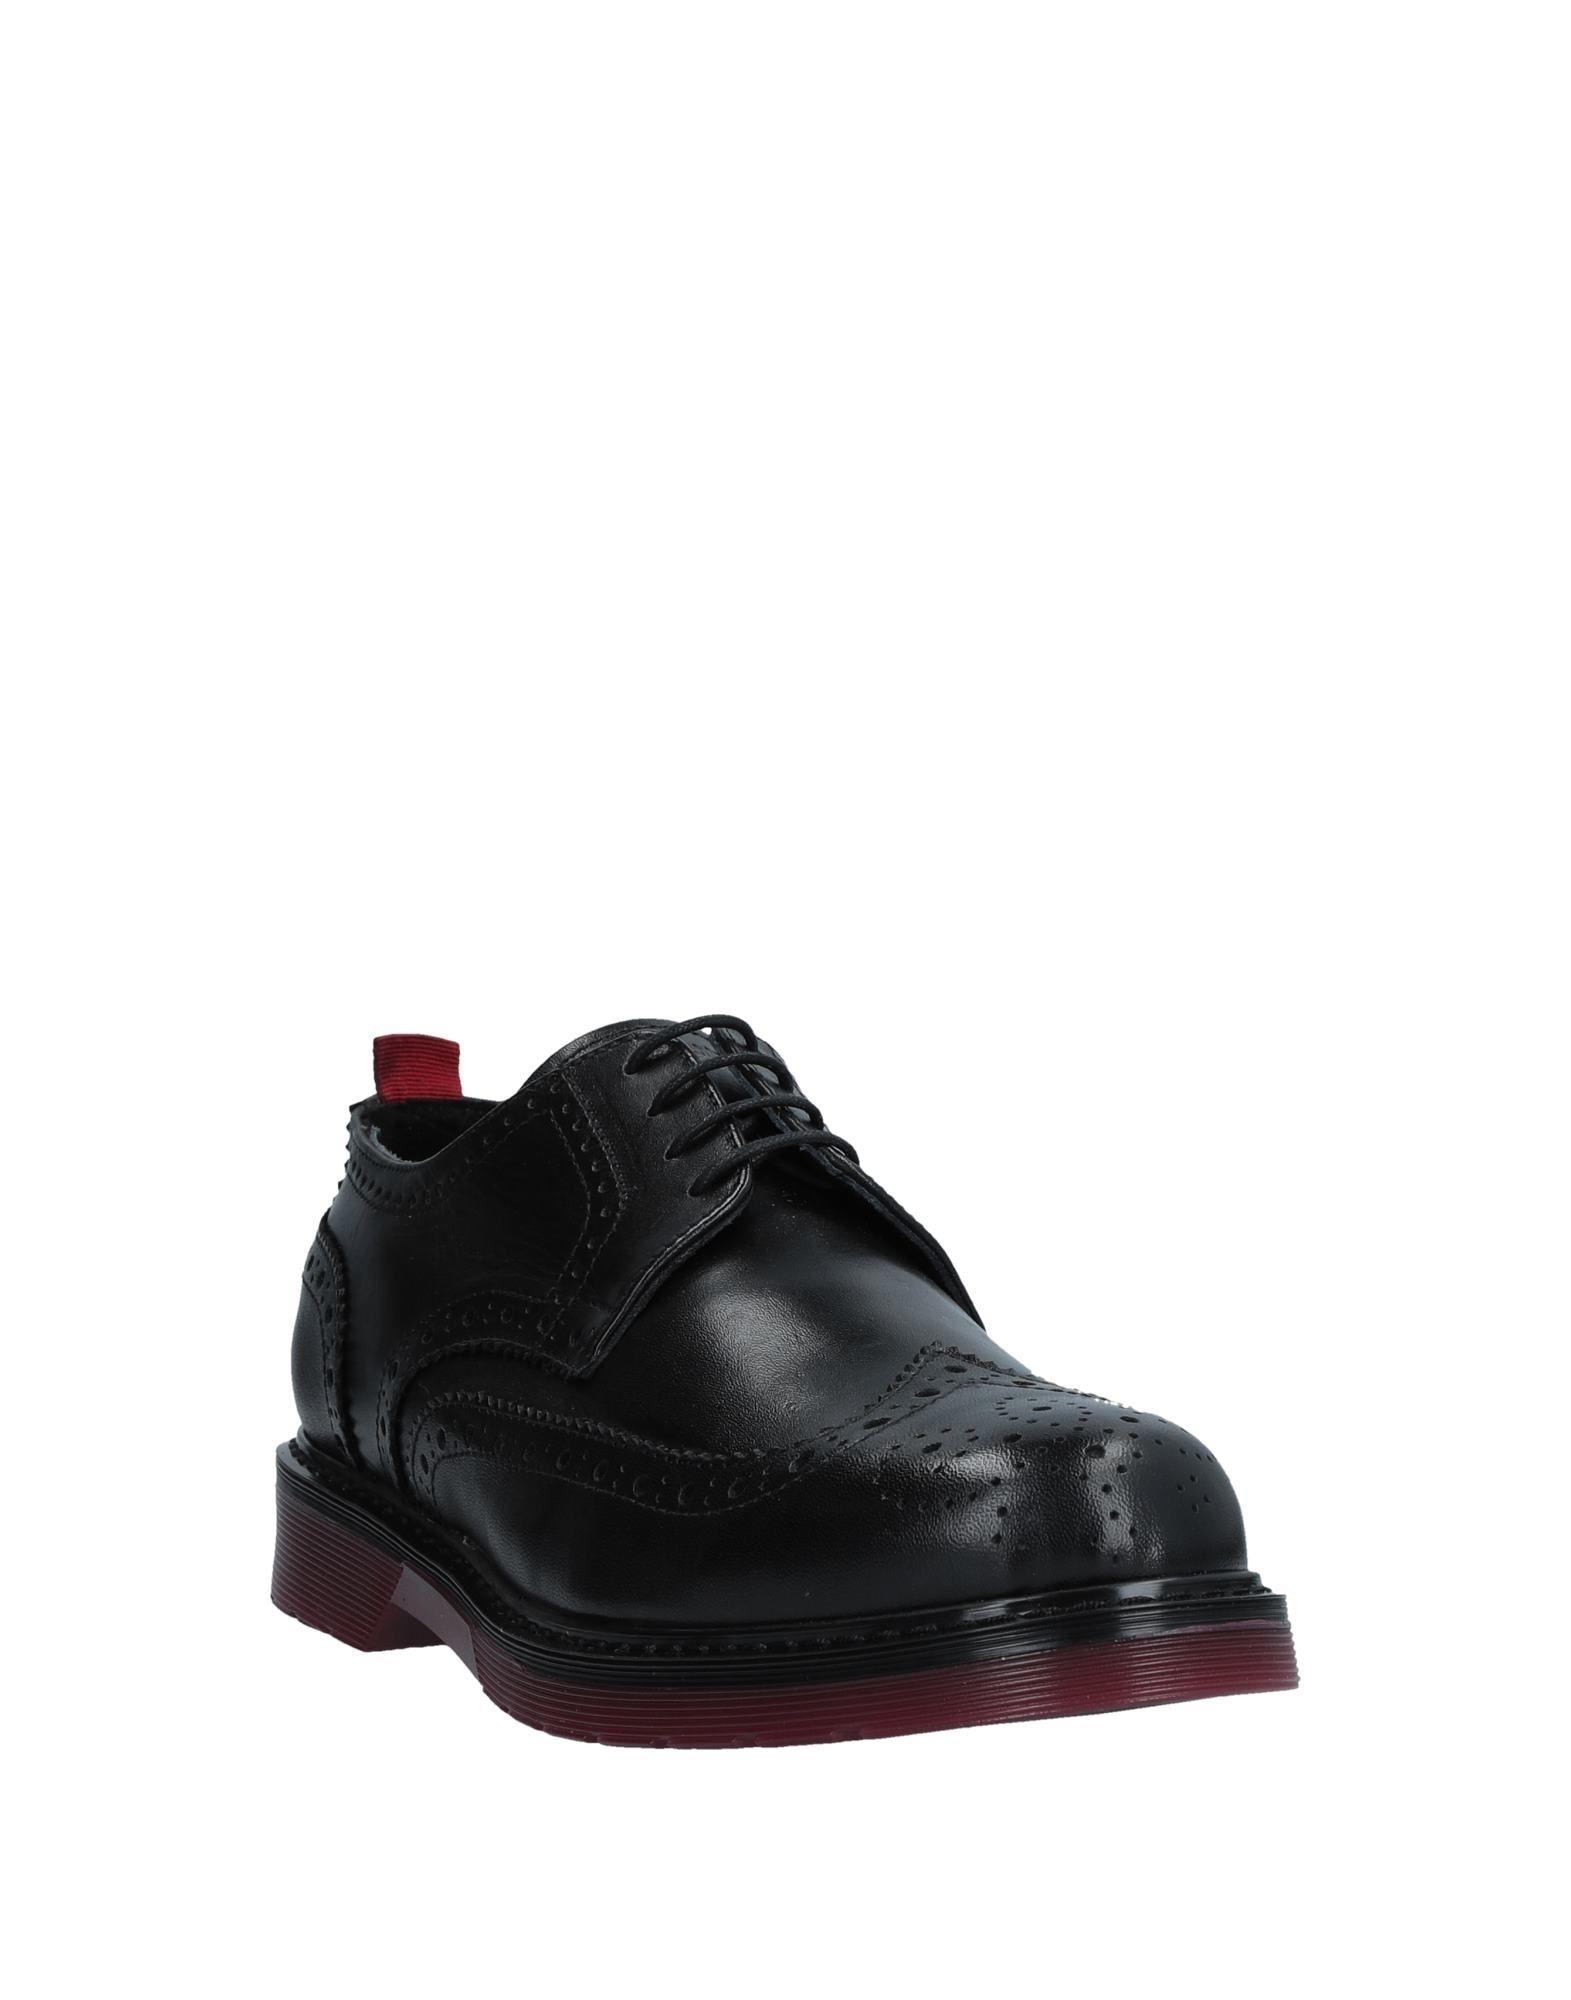 Bottega Marchigiana Schnürschuhe Herren  11541897QS Gute Qualität beliebte Schuhe